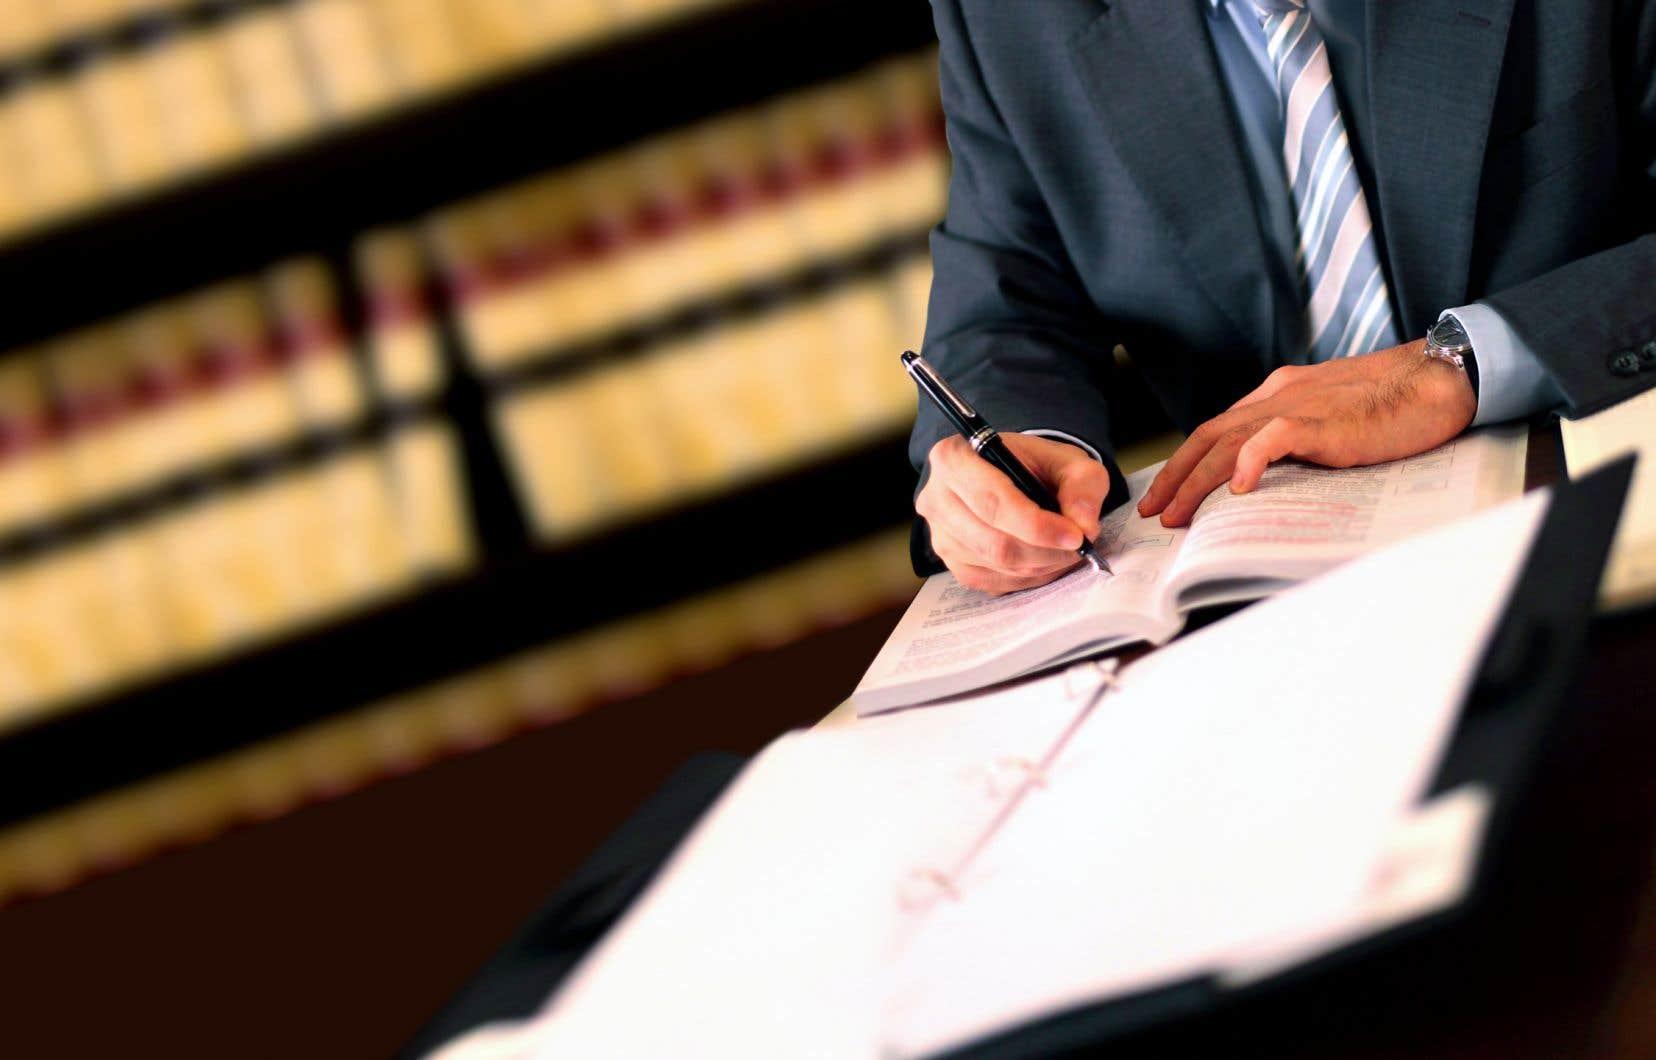 La Commission des droits de la personne refuse de commenter les cas particuliers, mais elle admet que ses délais sont trop longs.